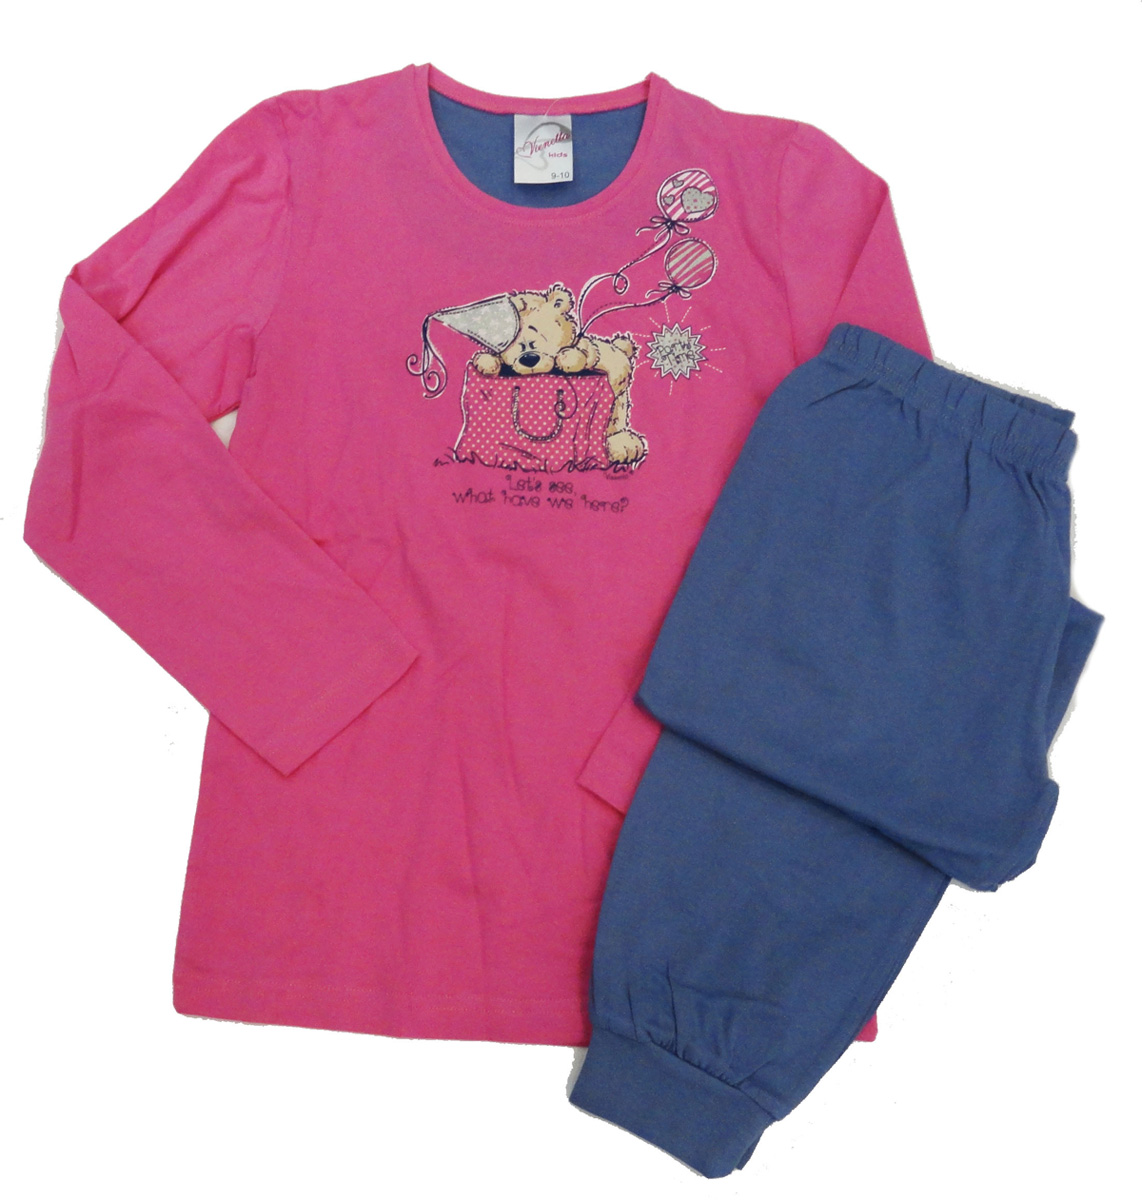 Комплект домашний для девочки Vienettas Secret Мишка в сумке: брюки, лонгслив, цвет: фуксия. 403373 4433. Размер 158/164, 14 лет403373 4433Комплект домашний для девочки Vienettas Secret изготовлен из натурального хлопка с ярким принтом, состоящий из брюк и лонгслива, идеально подойдет вашей маленькой принцессе. Предметы комплекта очень мягкие на ощупь, не раздражают даже самую нежную и чувствительную кожу ребенка и хорошо вентилируются.